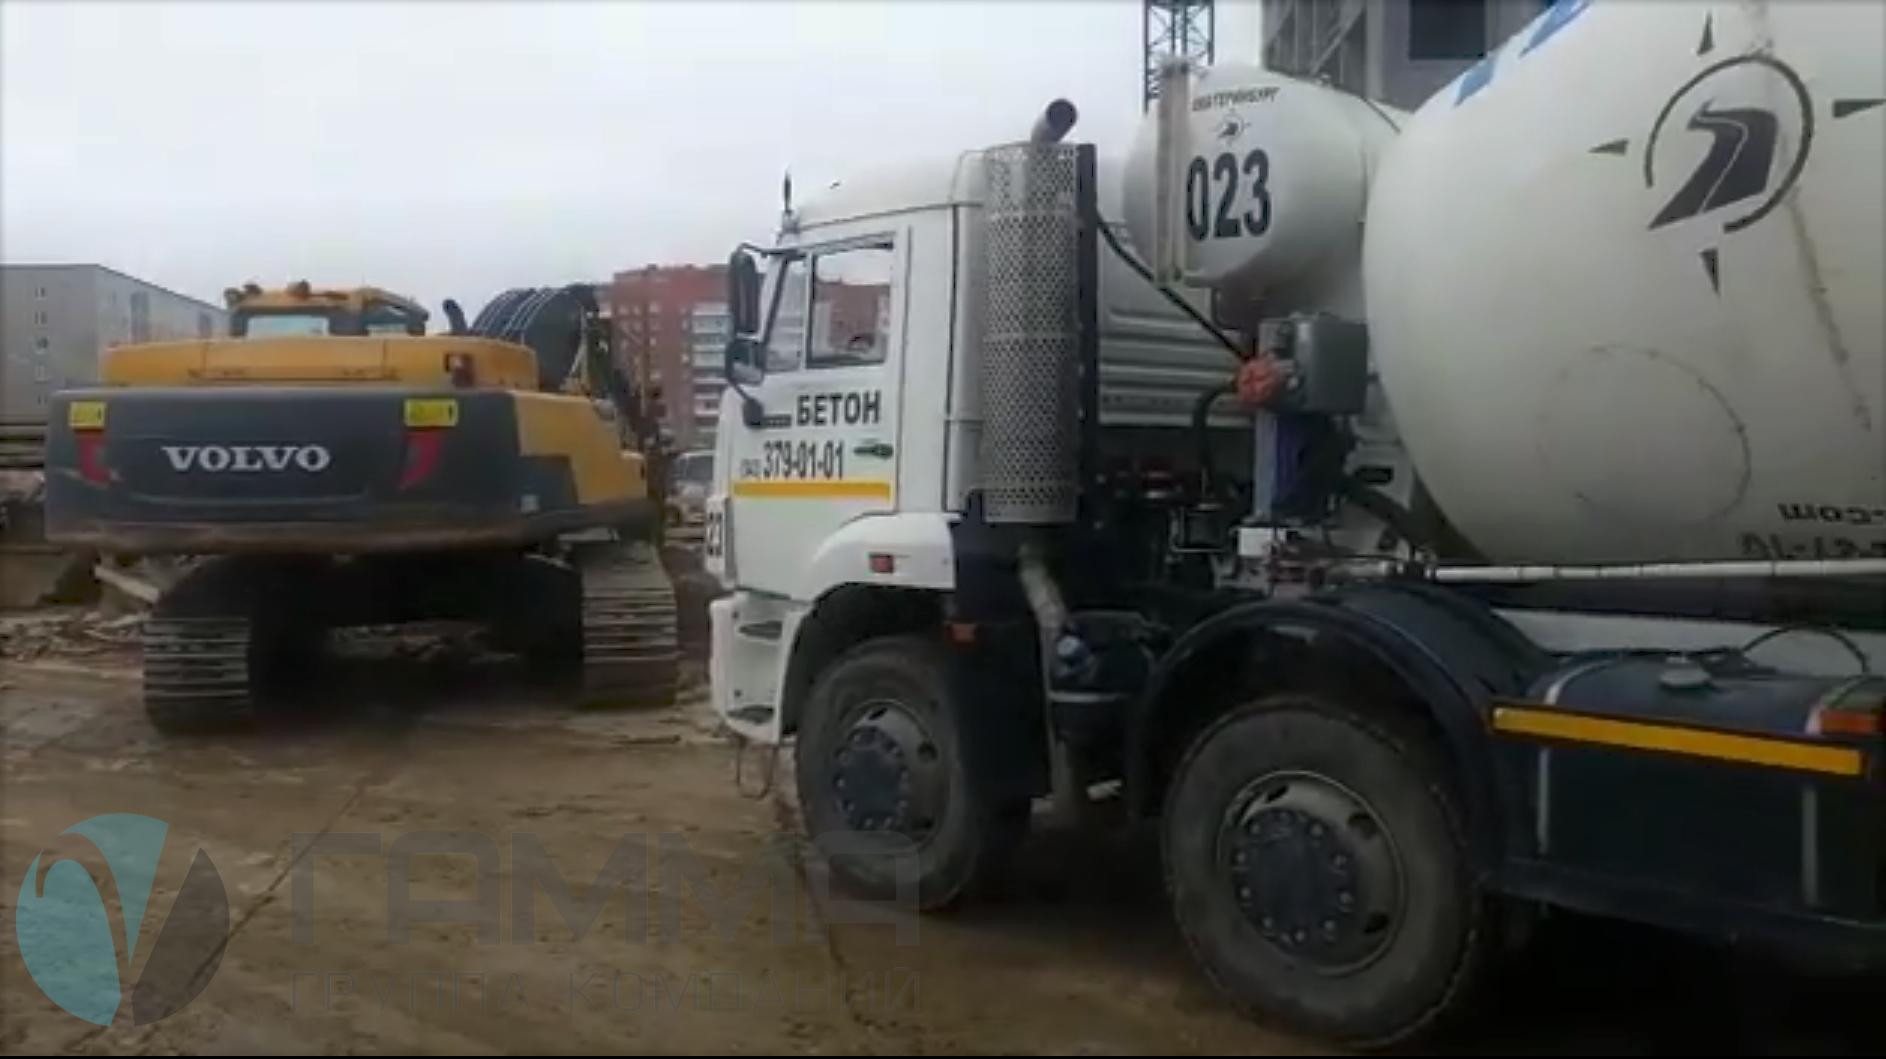 Бетон м300 купить в новосибирске штроборез с пылесосом в аренду москва по бетону